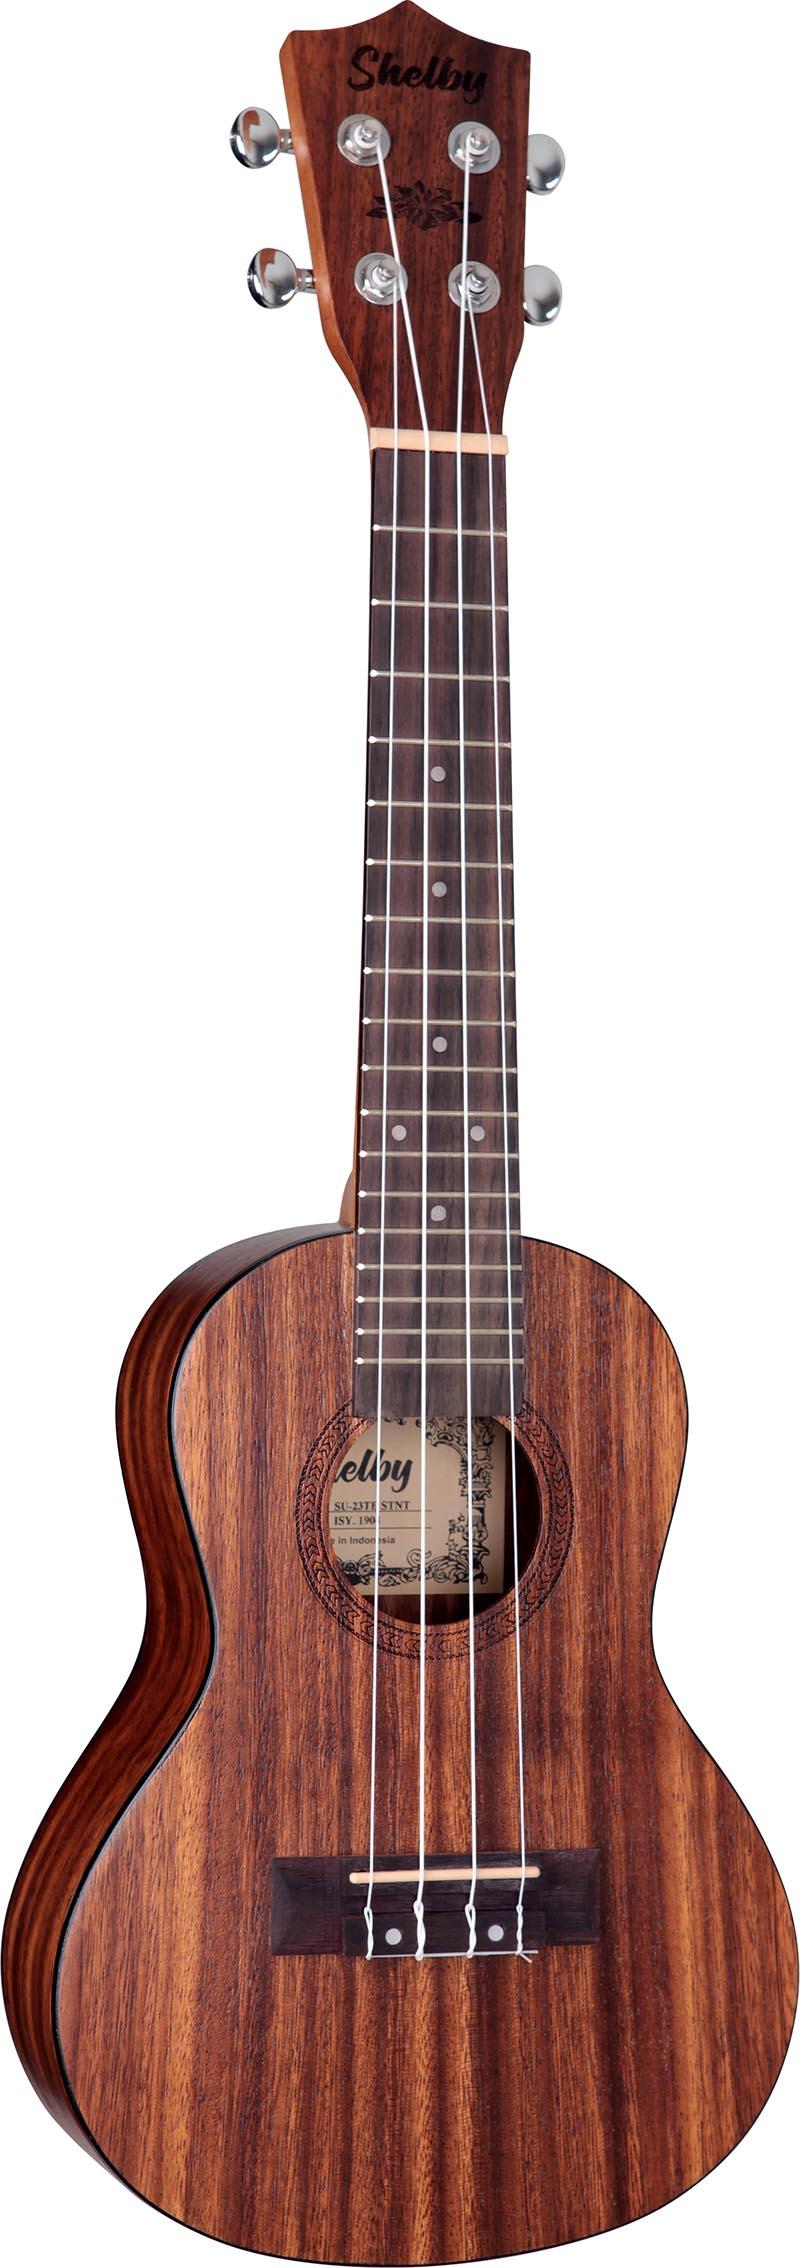 su23t ukulele concerto shelby su23t stnt teca acetinado visao frontal vertical